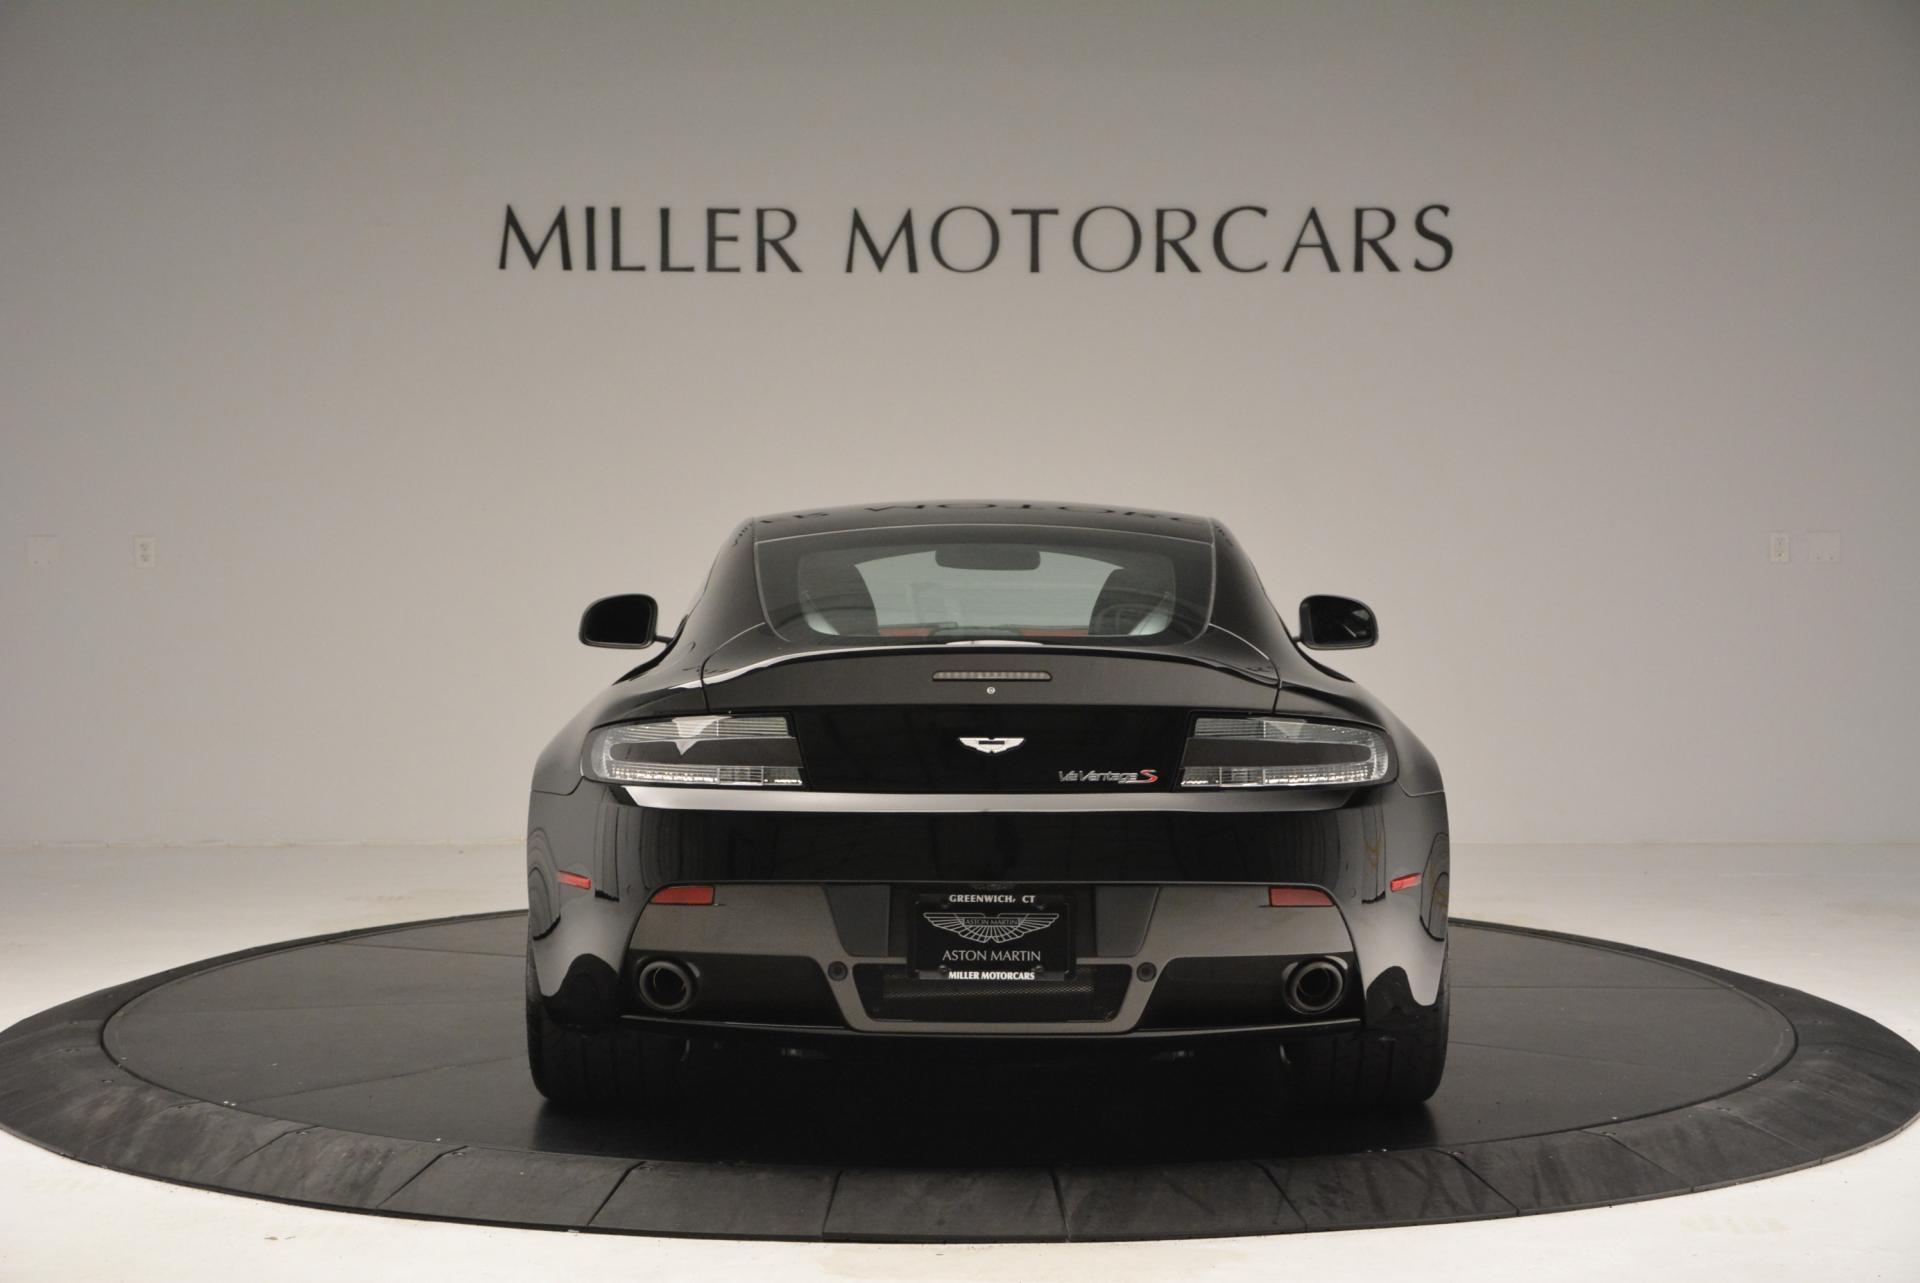 New 2015 Aston Martin V12 Vantage S  For Sale In Greenwich, CT. Alfa Romeo of Greenwich, A1154 103_p6